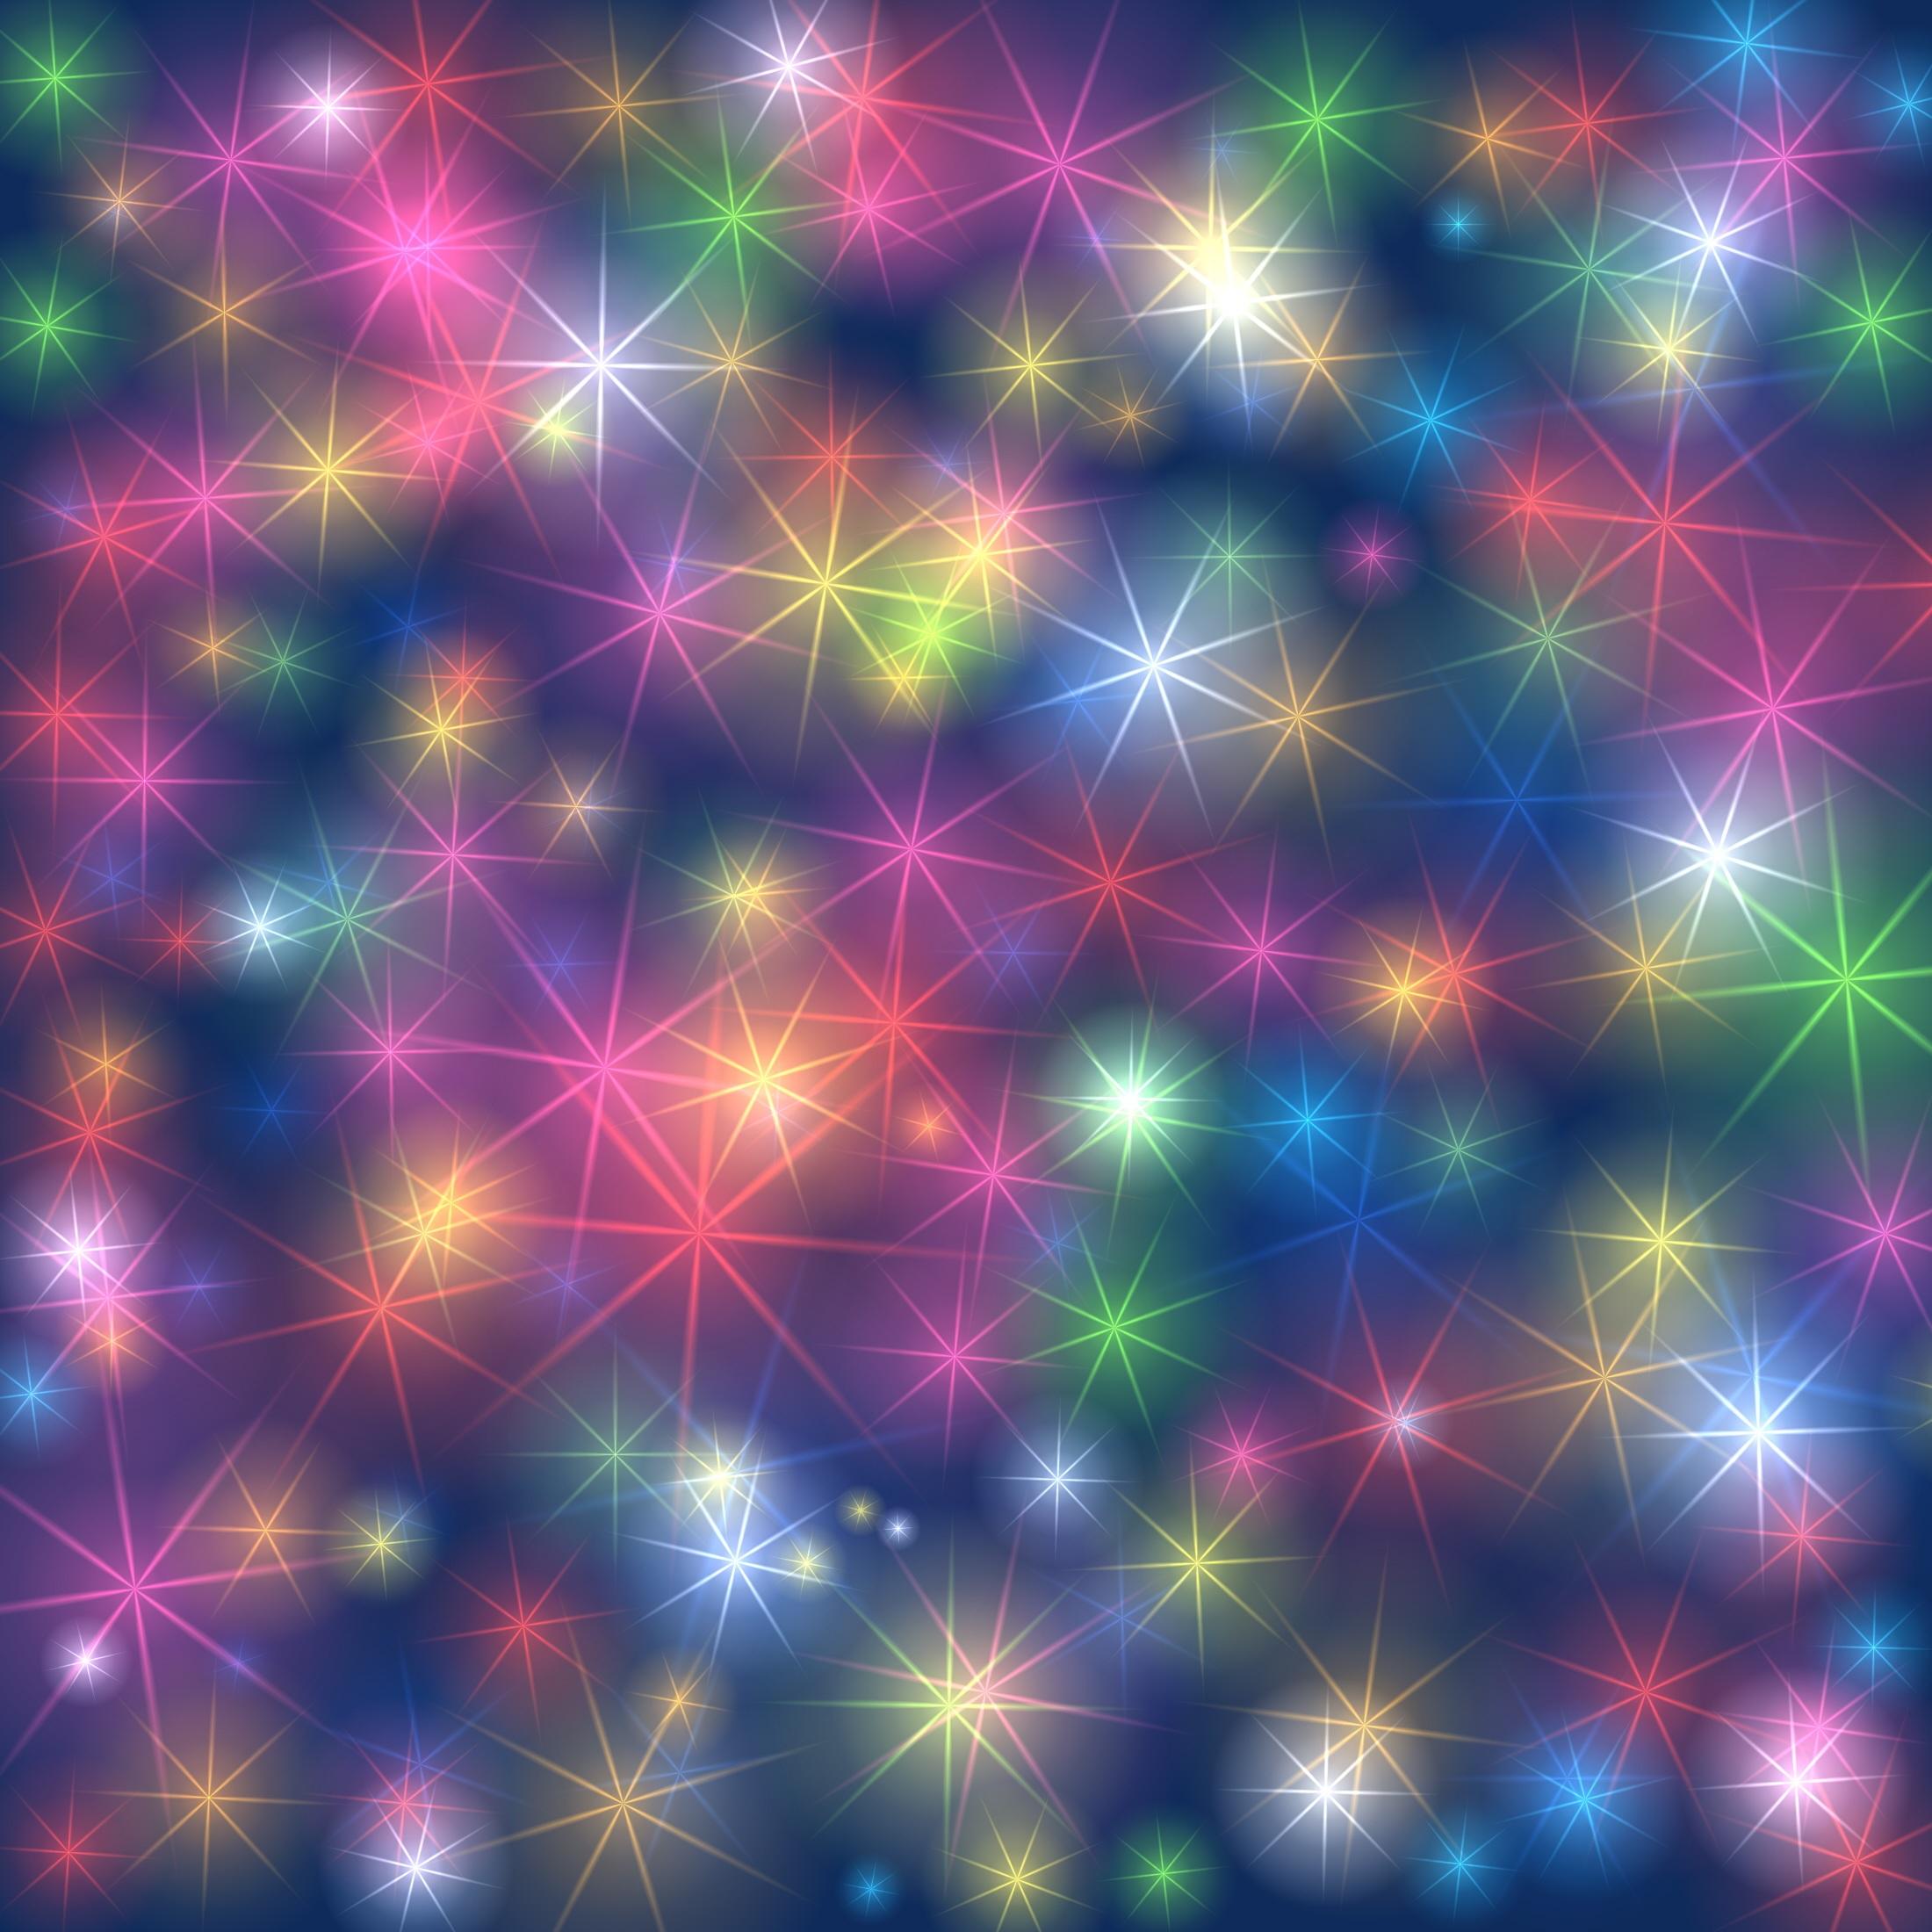 89291 Hintergrundbild herunterladen Patterns, Abstrakt, Schneeflocken, Scheinen, Mehrfarbig, Motley, Brillanz - Bildschirmschoner und Bilder kostenlos